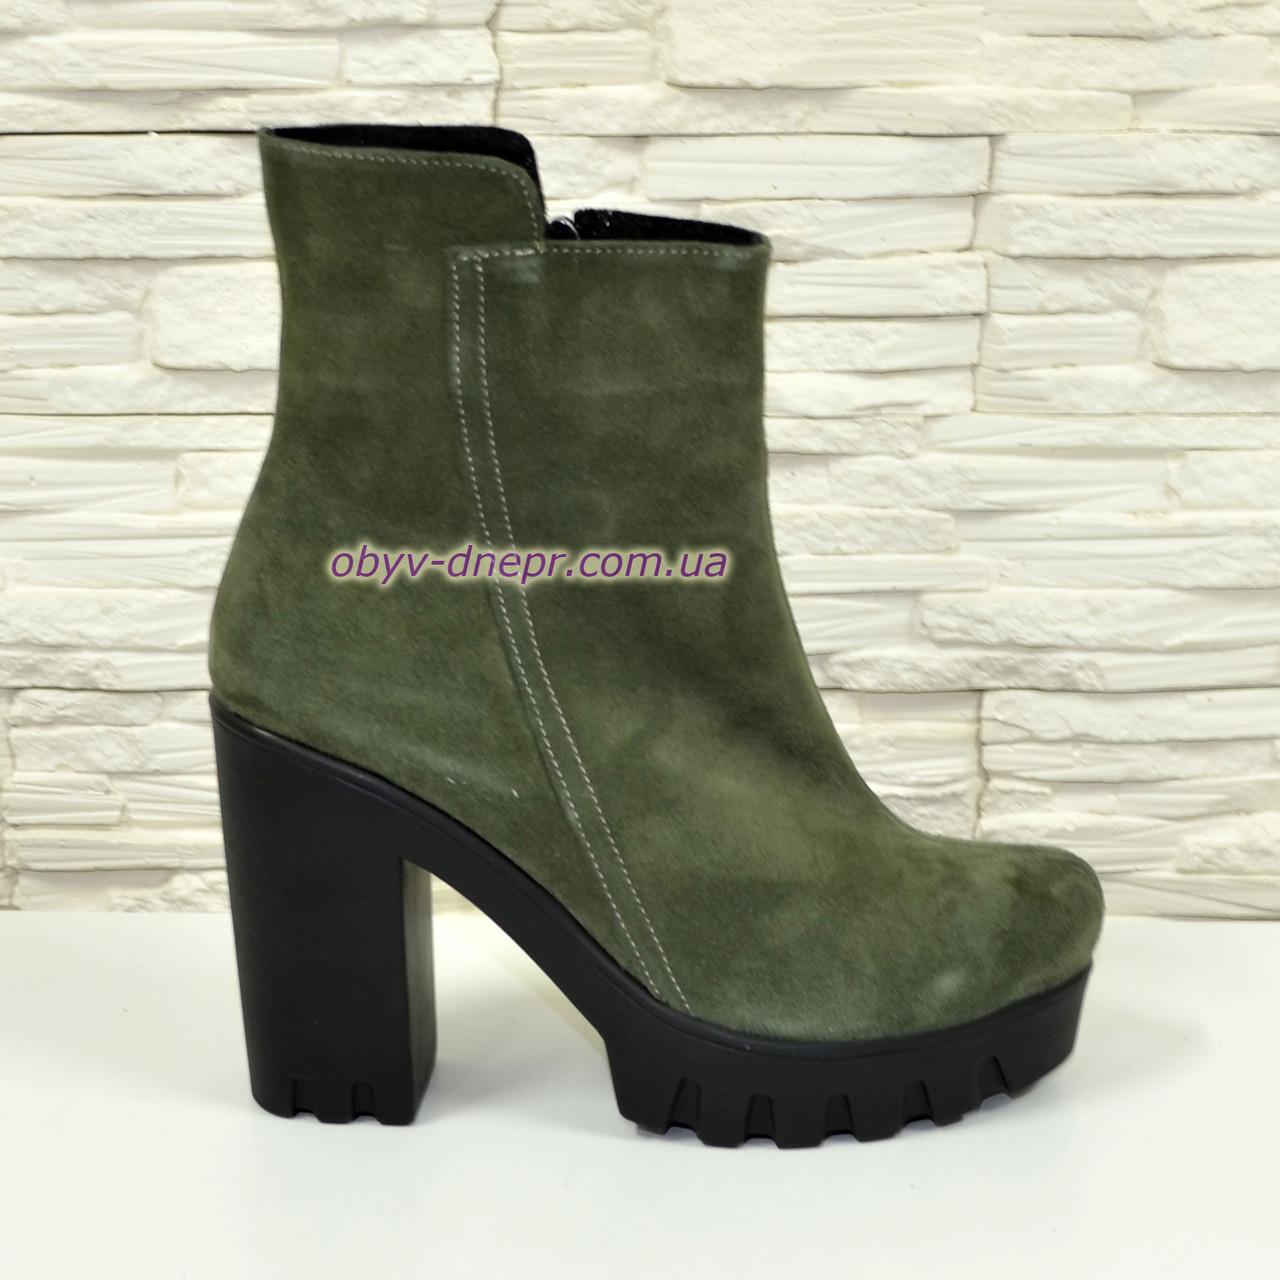 Ботинки женские замшевые на тракторной подошве, цвет оливковый. Зимний вариант